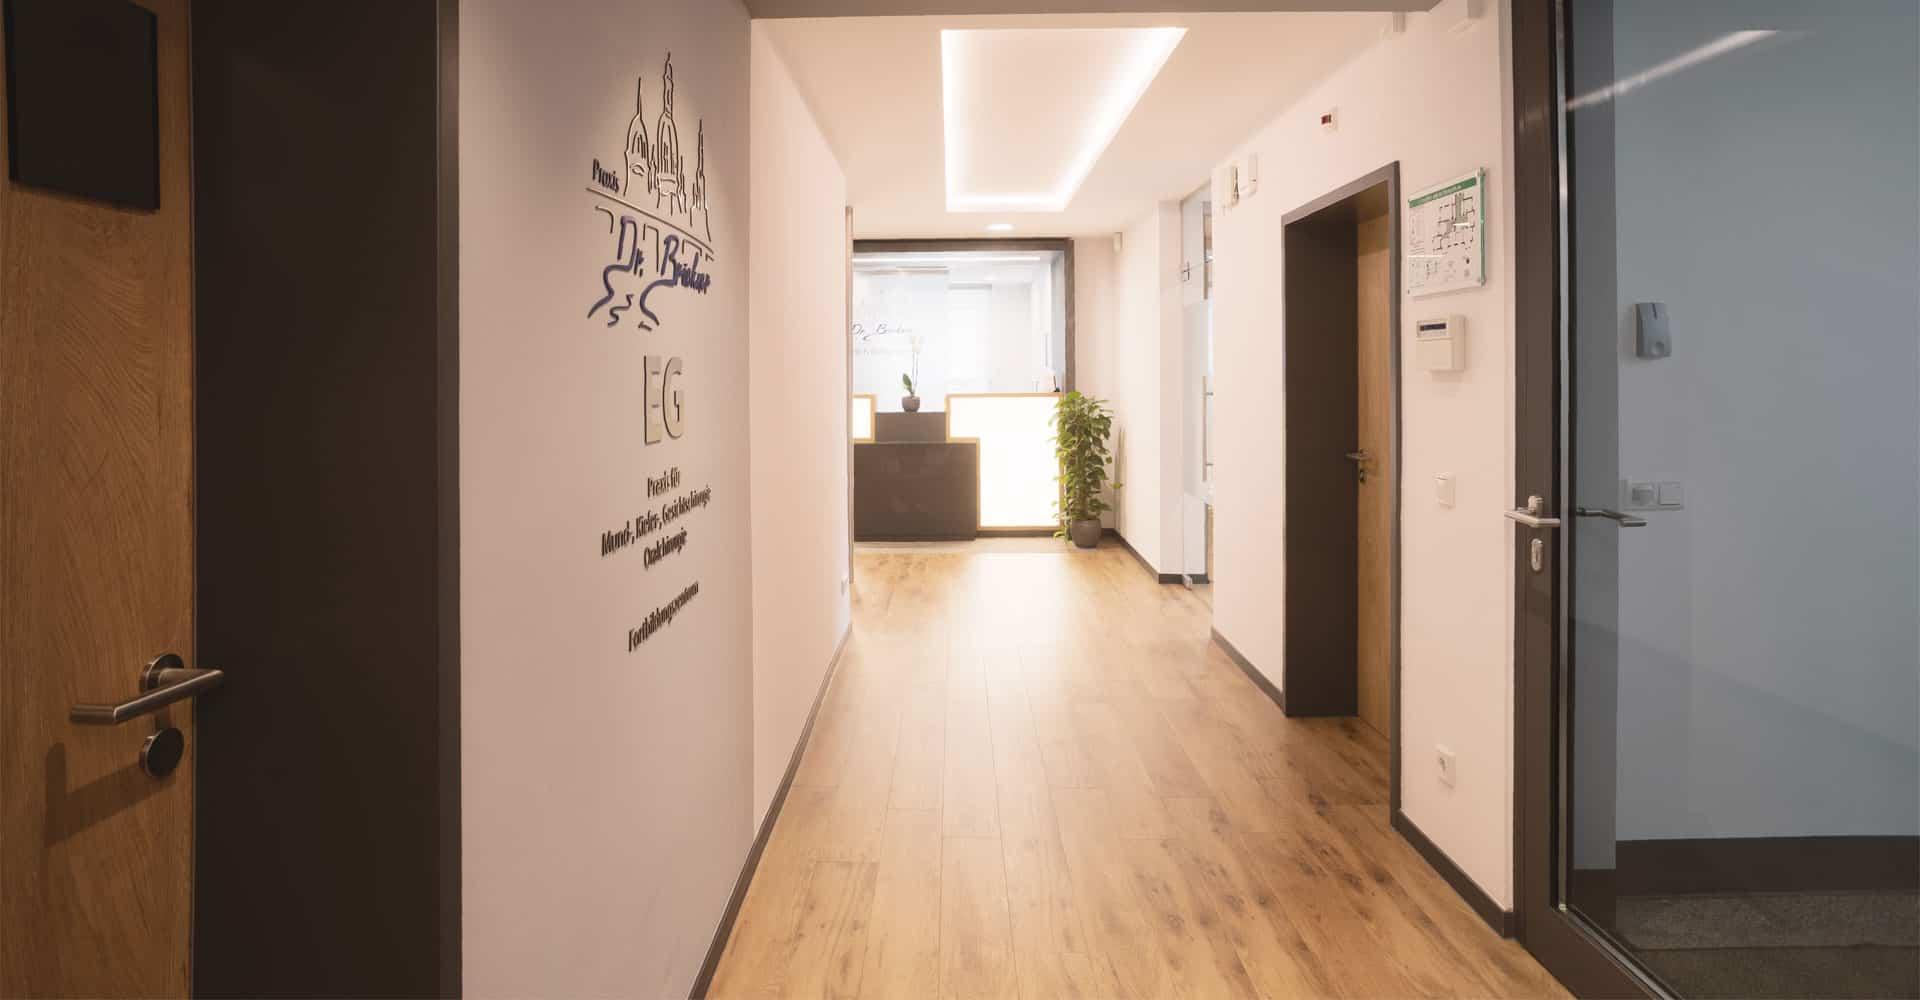 Zahnarztpraxis Brückner Dresden Eingangsbereich